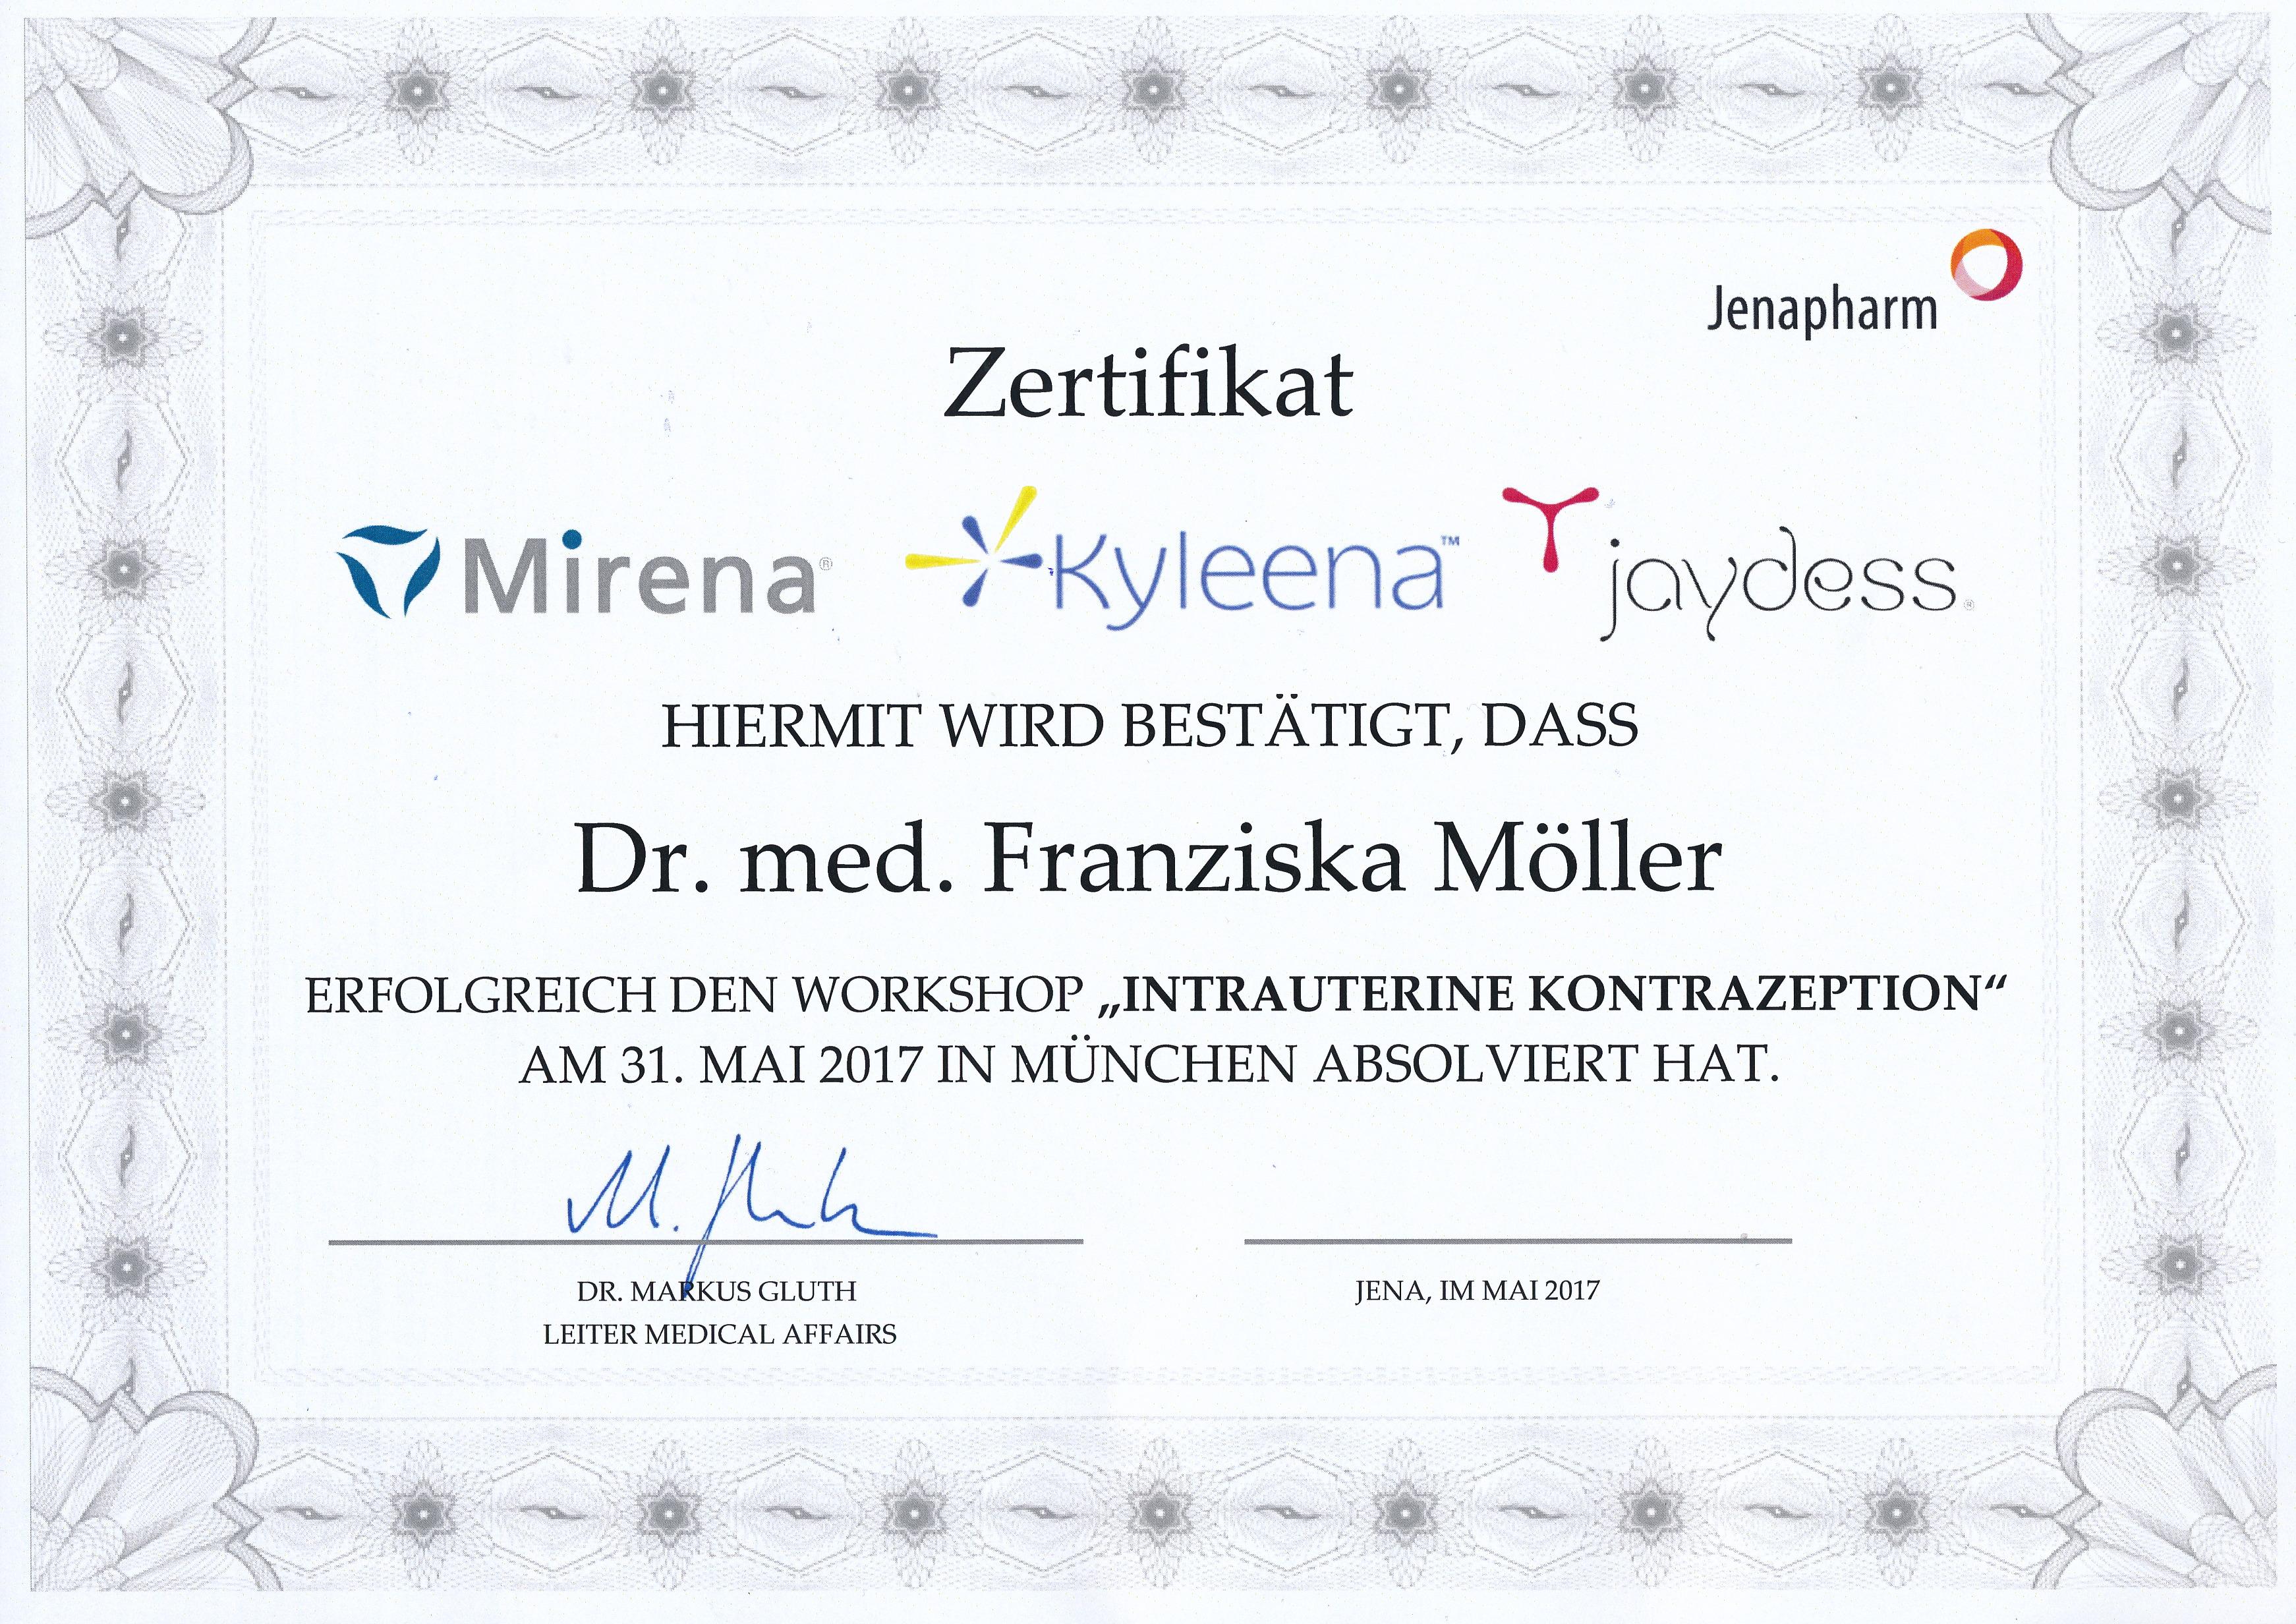 Zertifikat Qualifizierung Weiterbildung Mirena Kyleena jaydess